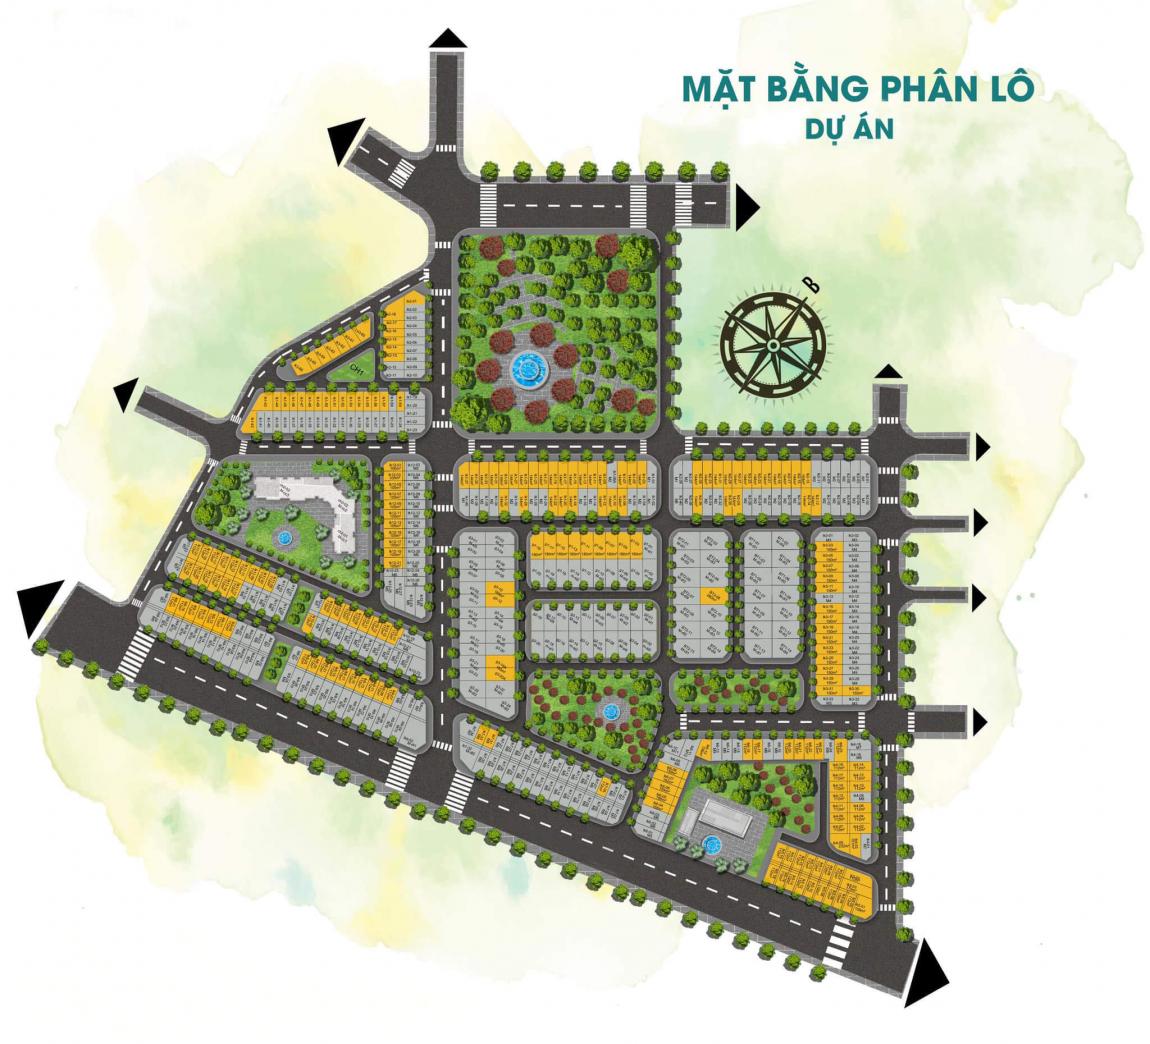 Mặt bằng phân lô khu đô thị Long Kim Residence Bến Lức